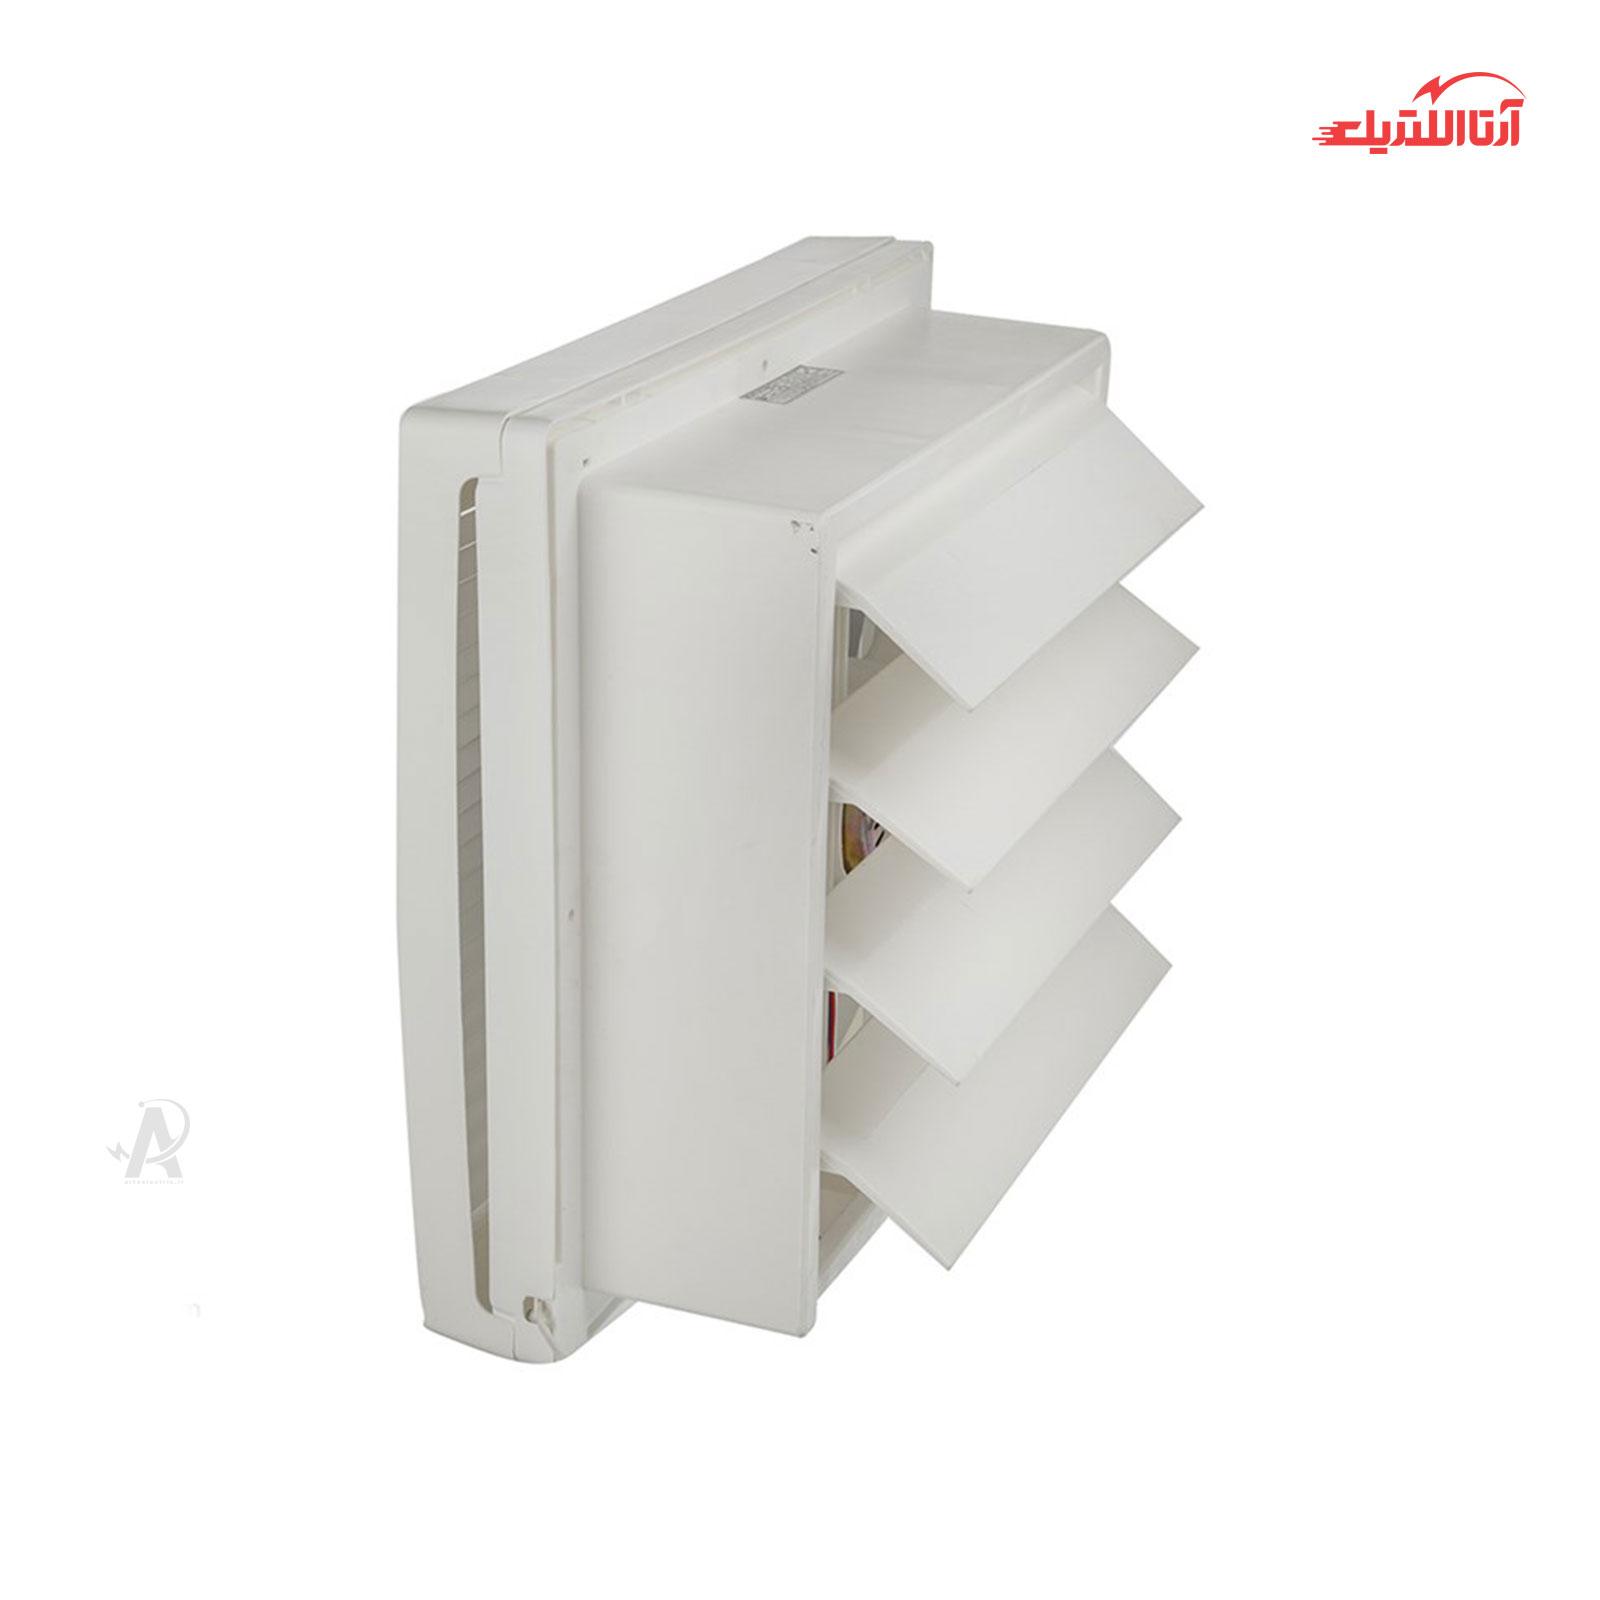 هواکش خانگی اتولوکس دریچه دار 25 سانت اتوماتیک بدون کلید دمنده VAL-25C4S